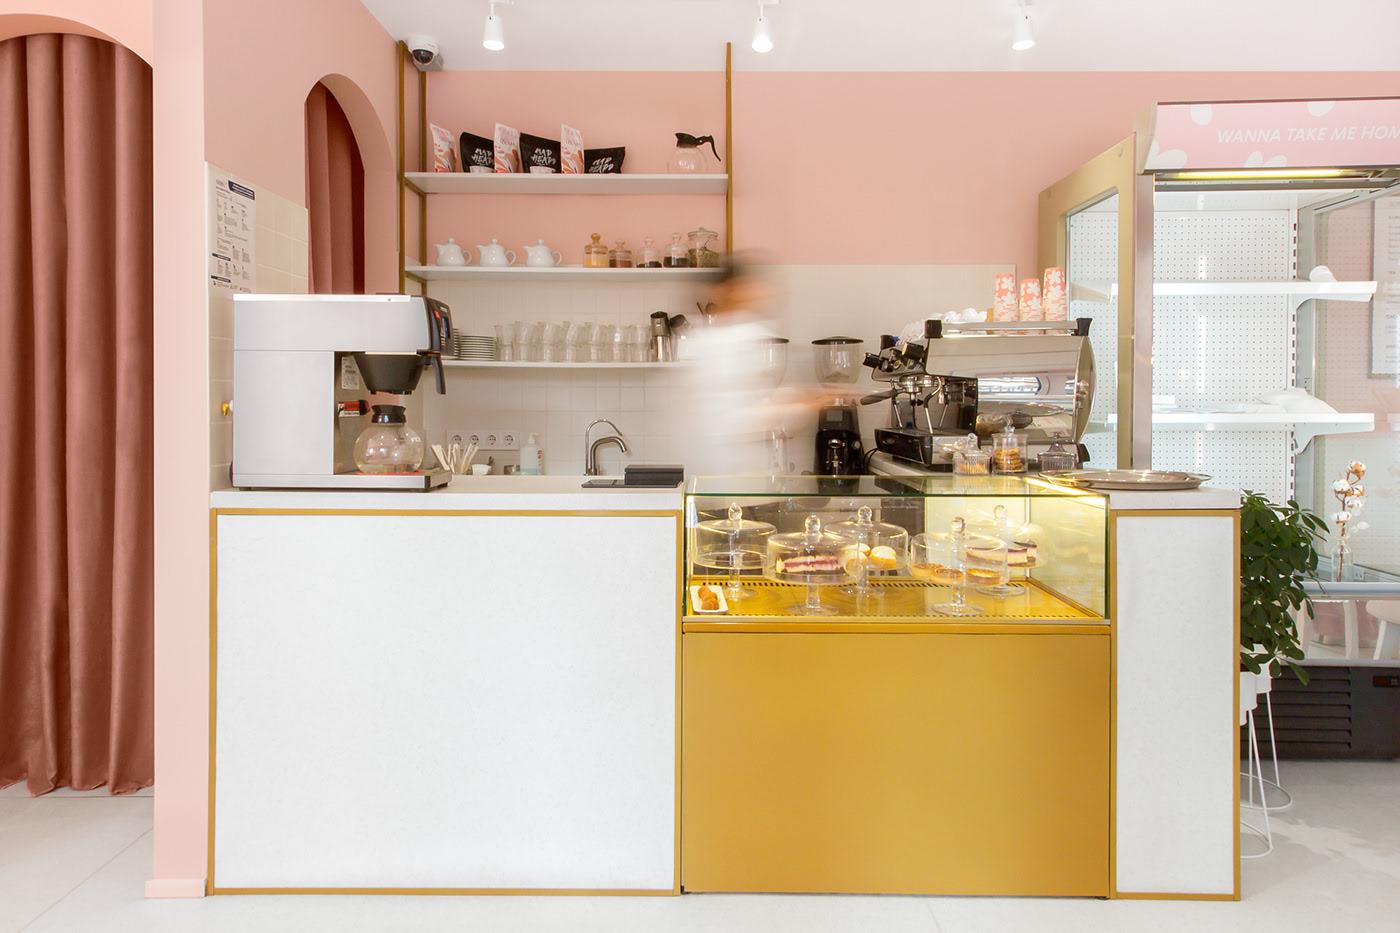 Quán Cafe Nên Chú Ý Những Gì